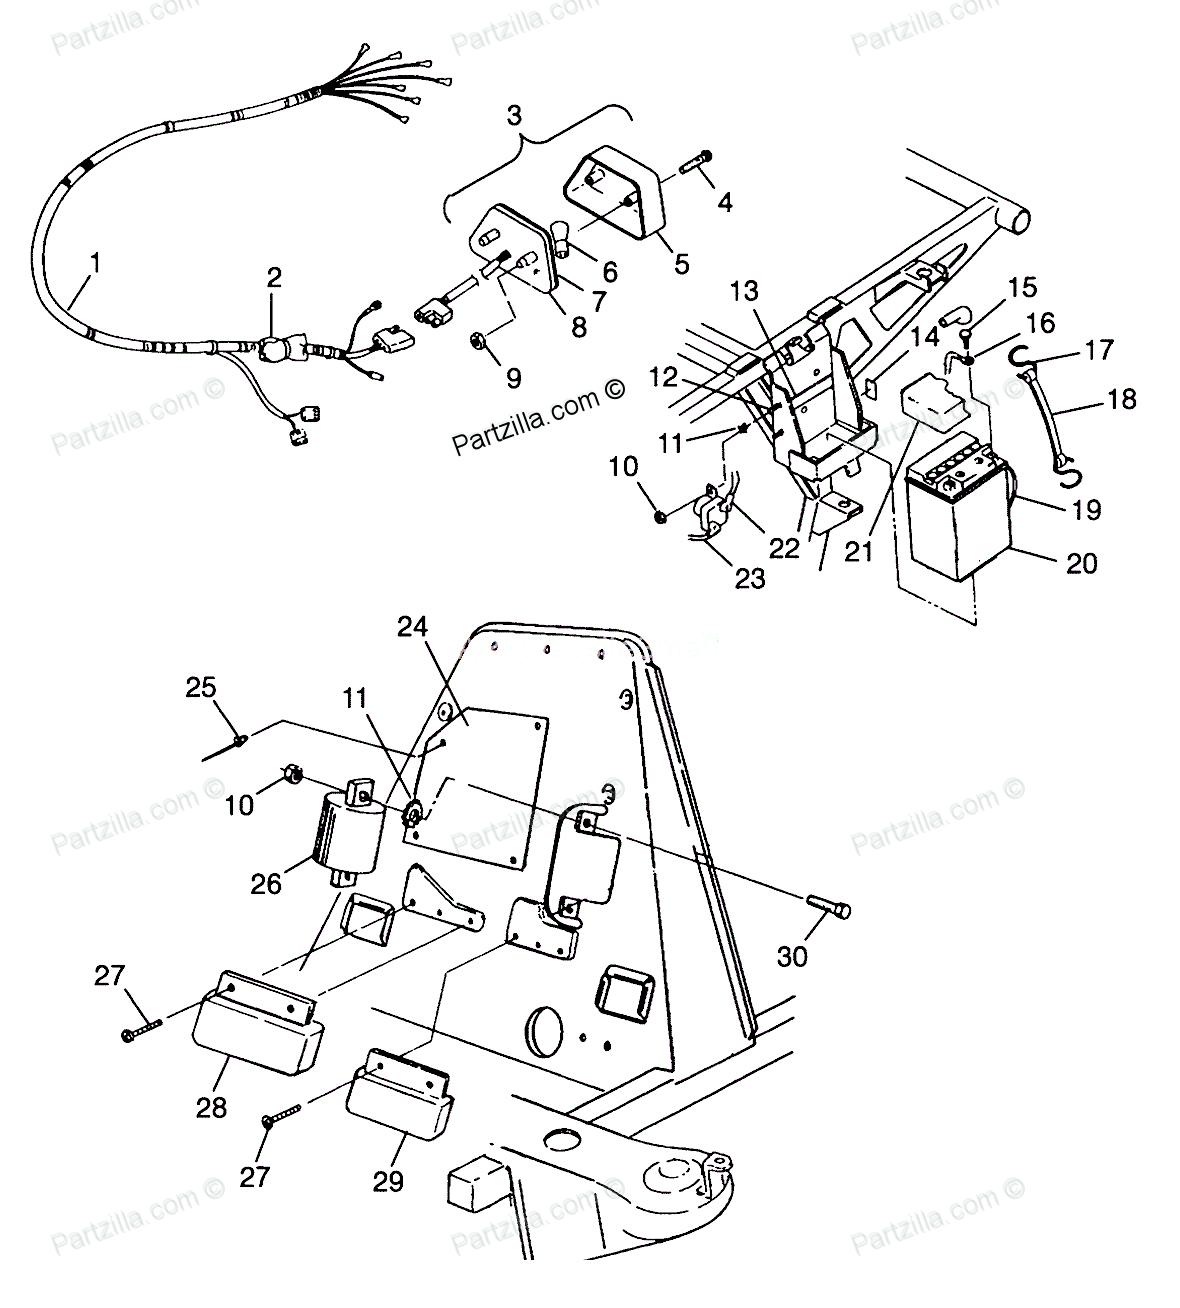 Parts For Polaris 425 Magnum 4x4